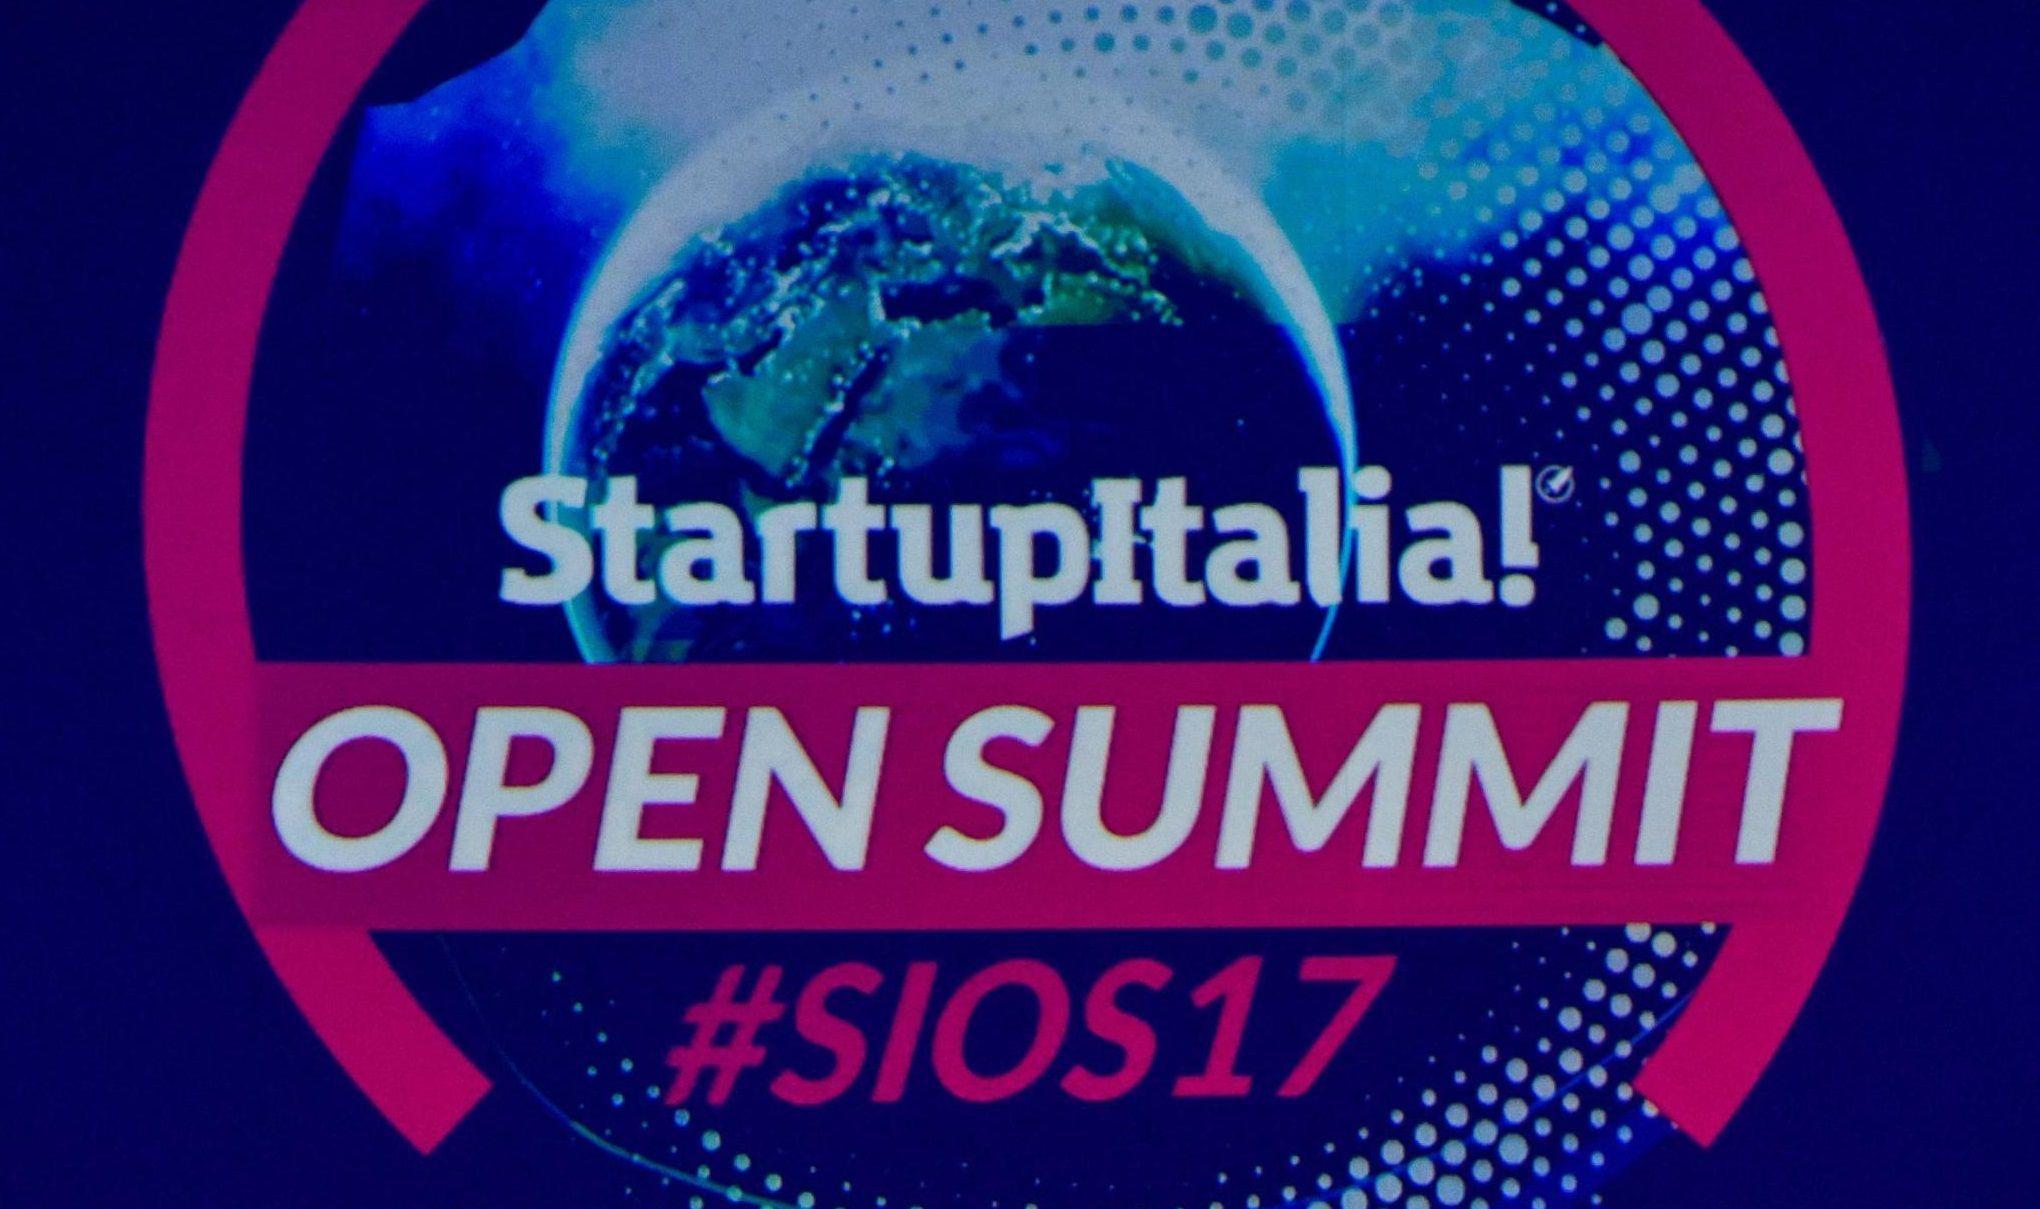 StartupItalia! Open Summit